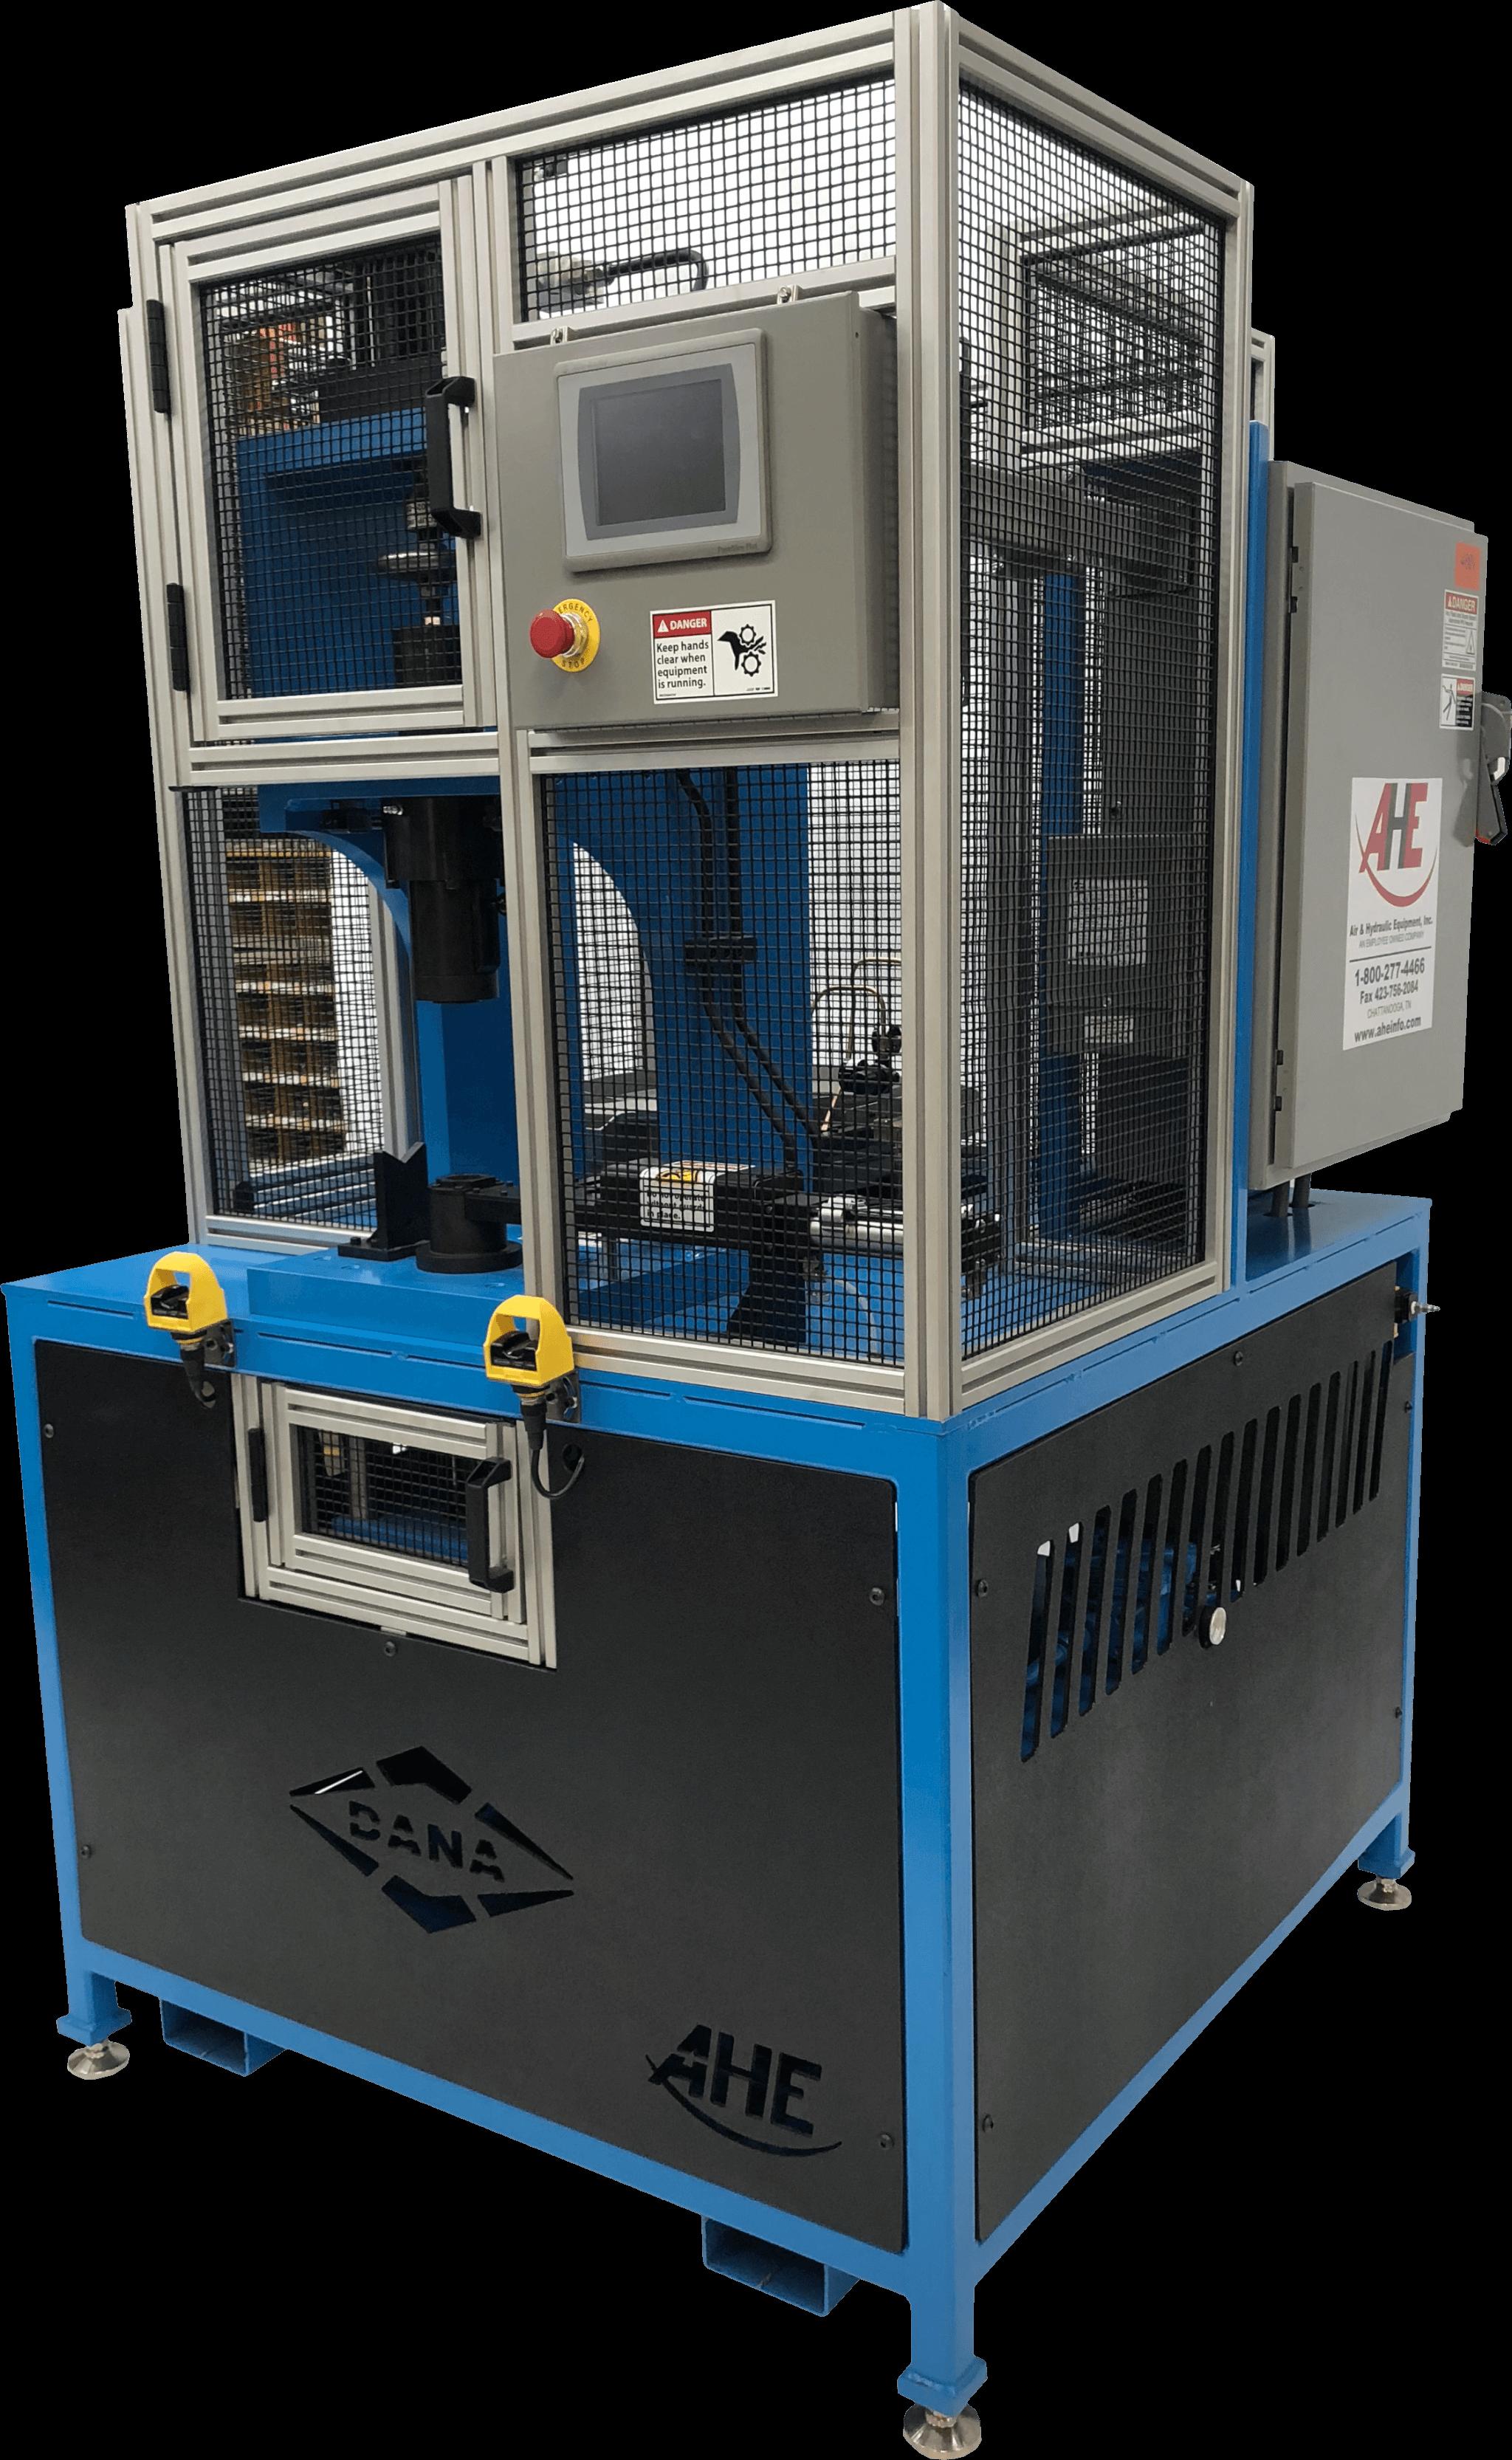 hydraulic pressing industrial pressing air hydraulic equipment